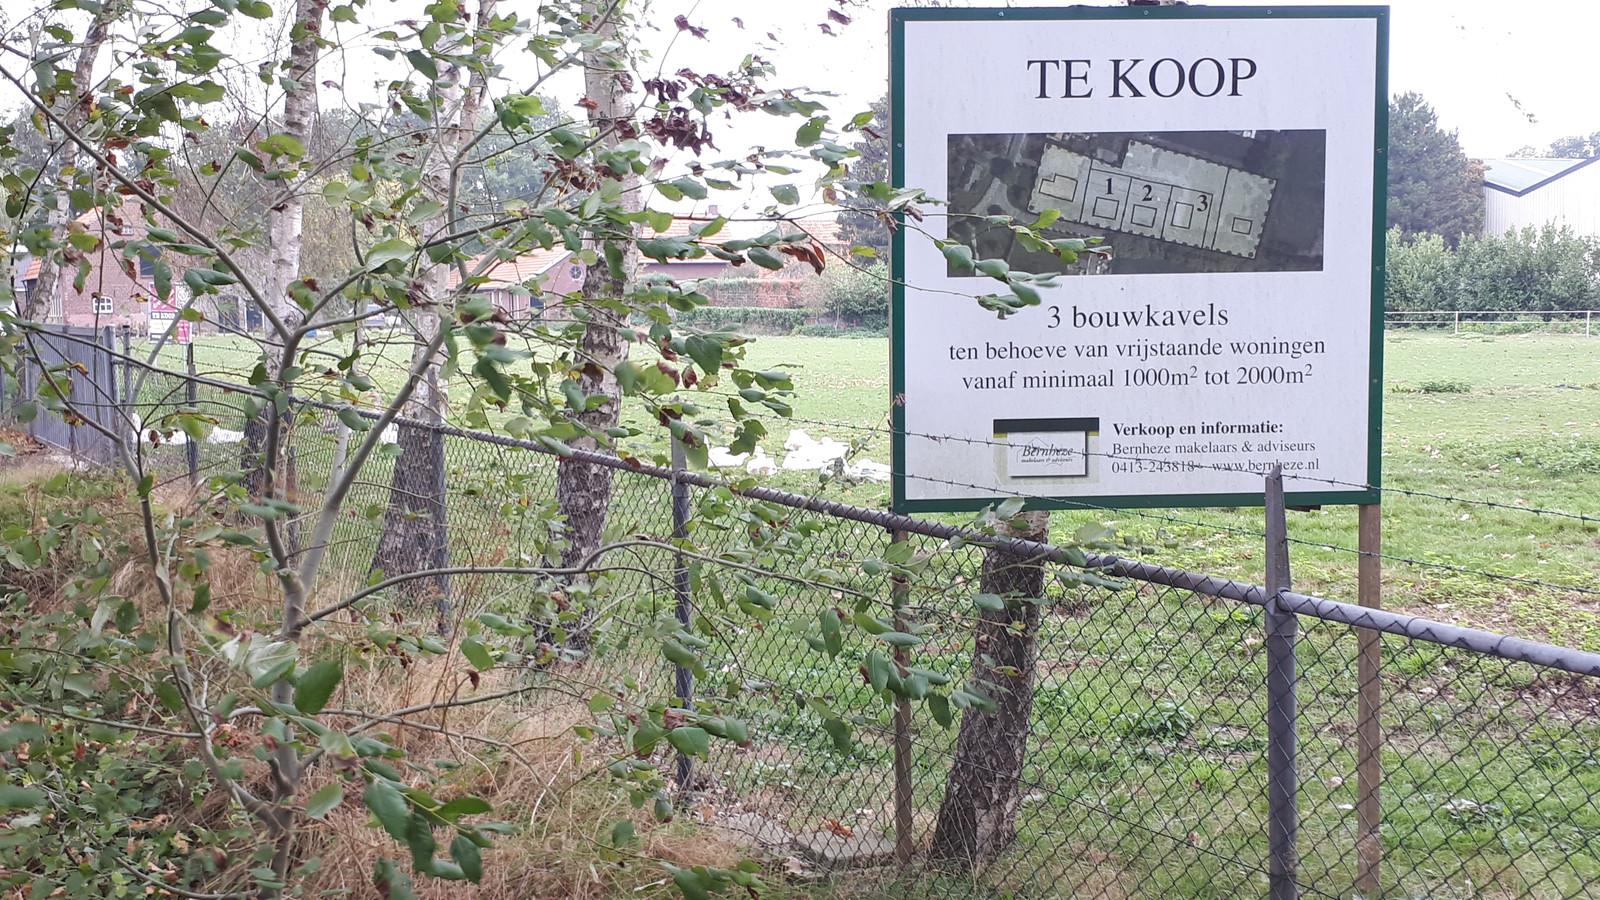 Bouwkavels te koop aangeboden aan de Loosbroeksestraat in Heesch.